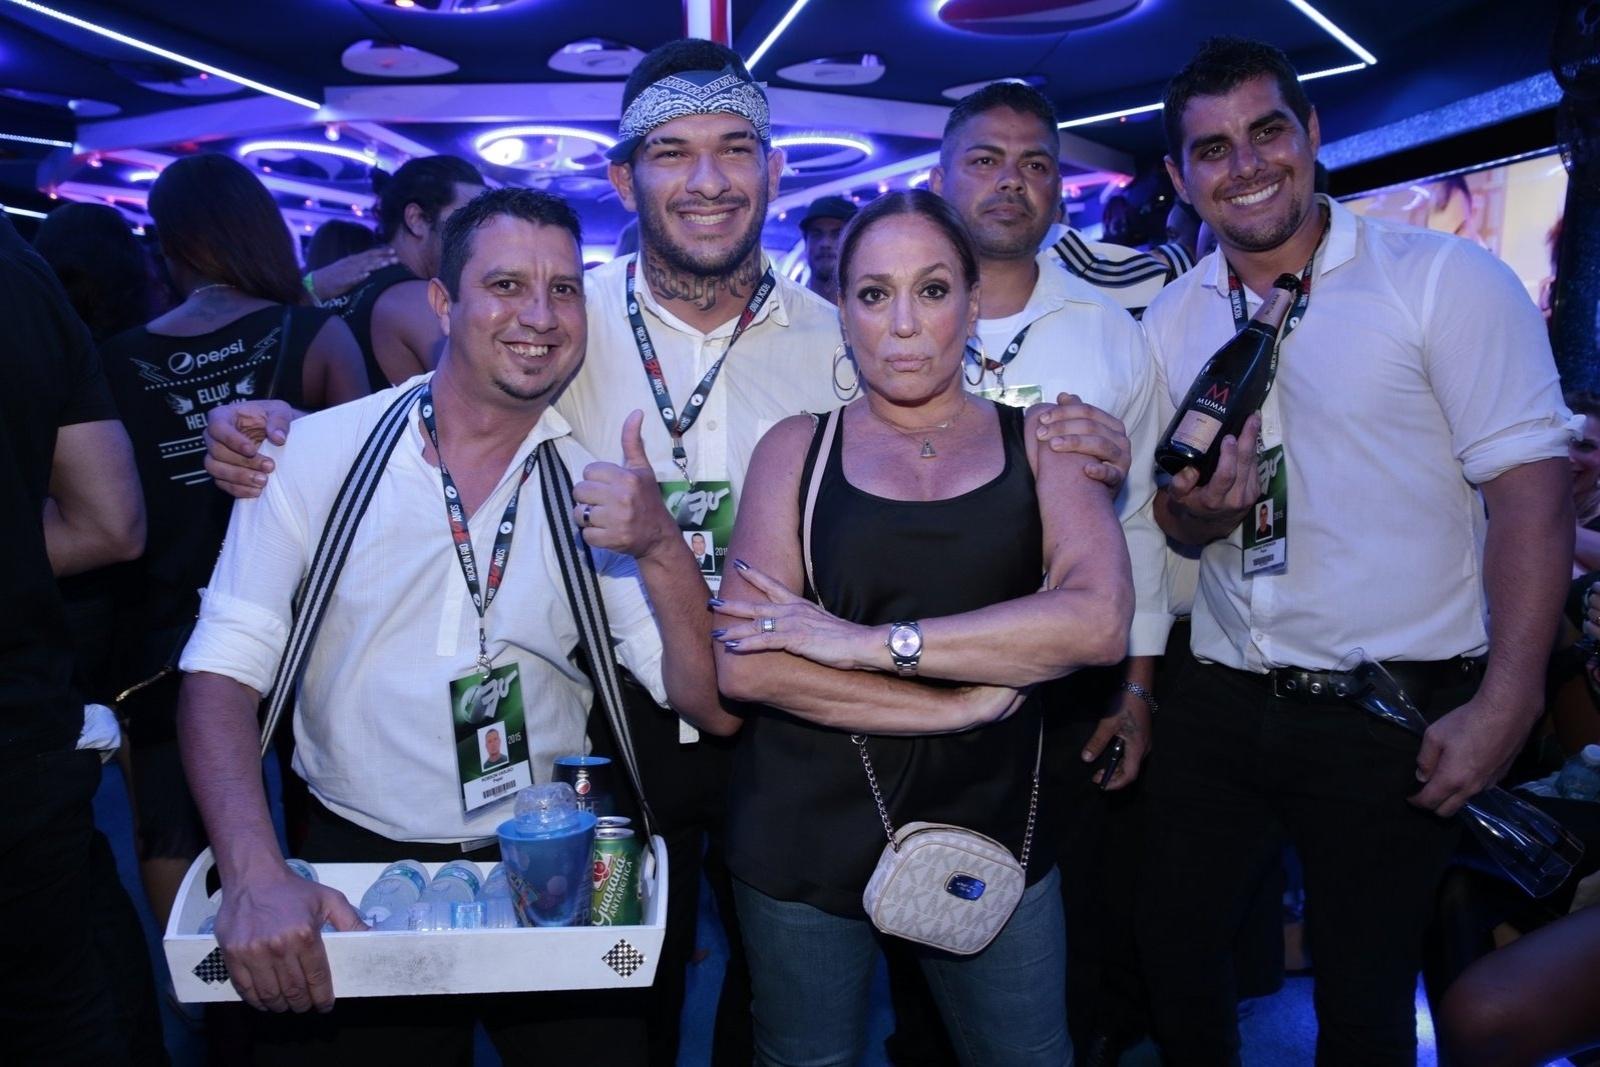 26.set.2015 - No Rock in Rio, Susana Vieira posa com garçons e faz 'carão'